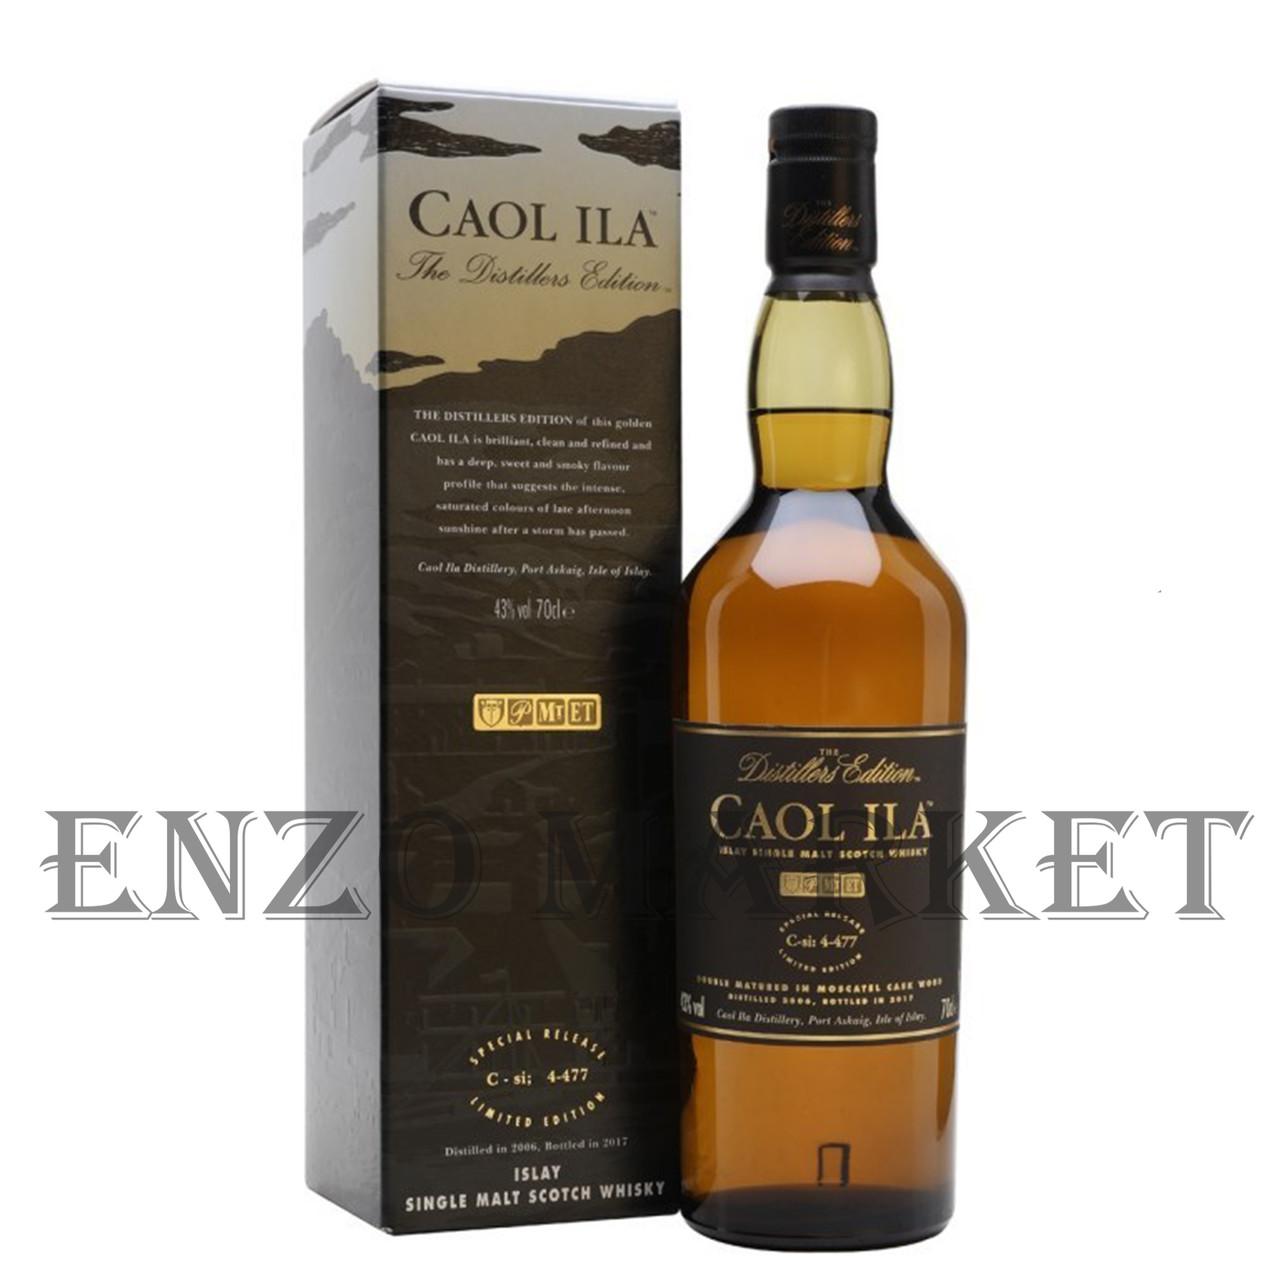 Виски Caol Ila Distillers Edition 2006 - 2017 (Каол Ила Дистиллерс Эдишн) 43%, 0,7 литра